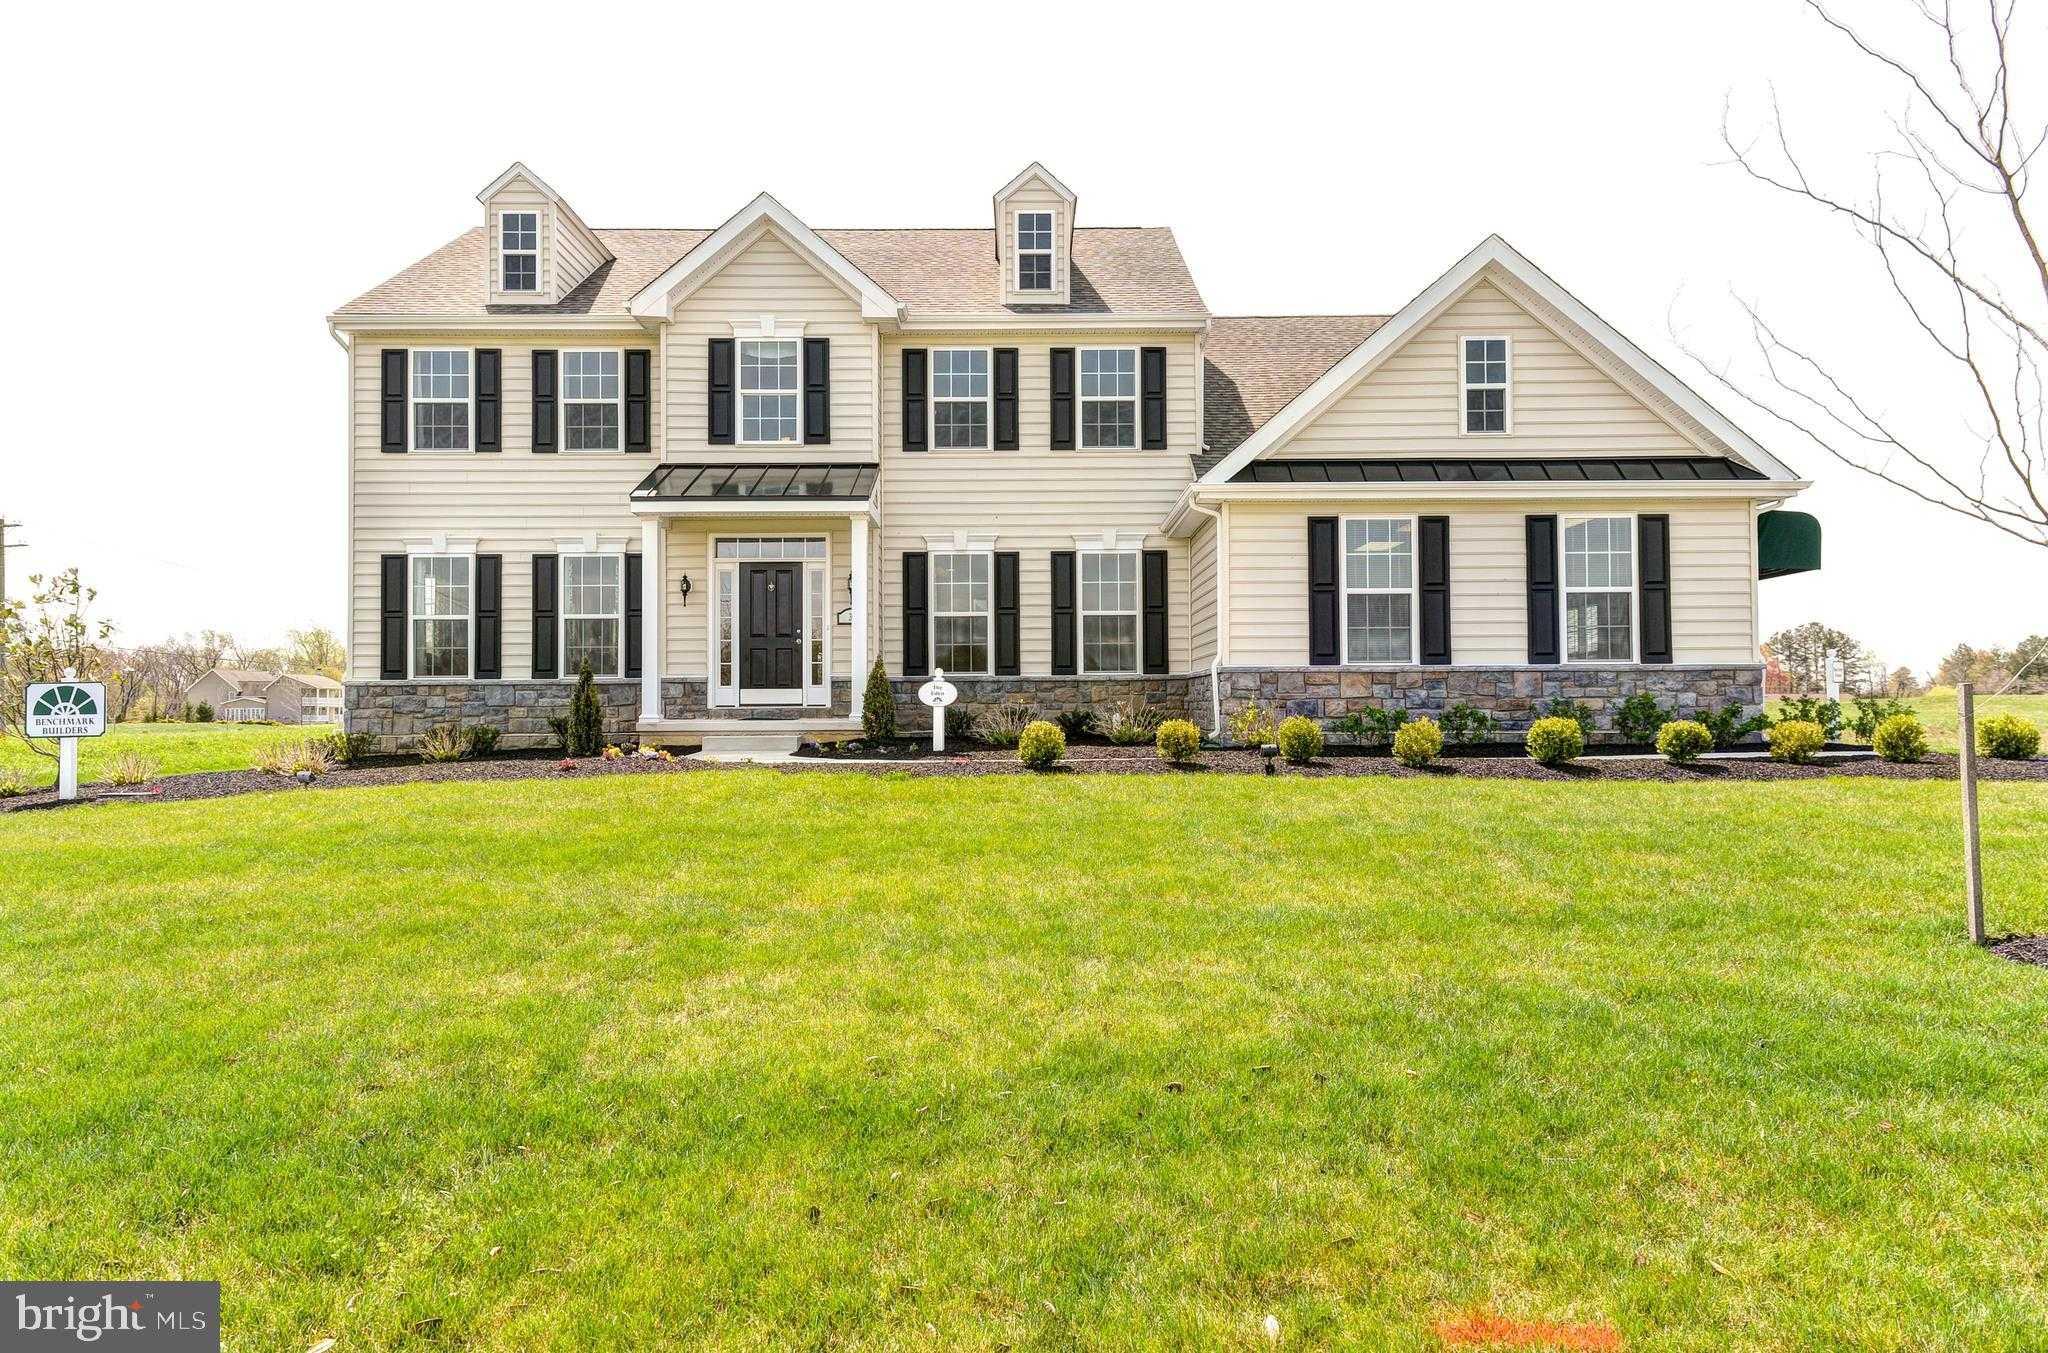 $436,000 - 4Br/3Ba -  for Sale in Greene Hill Farm Est, Smyrna